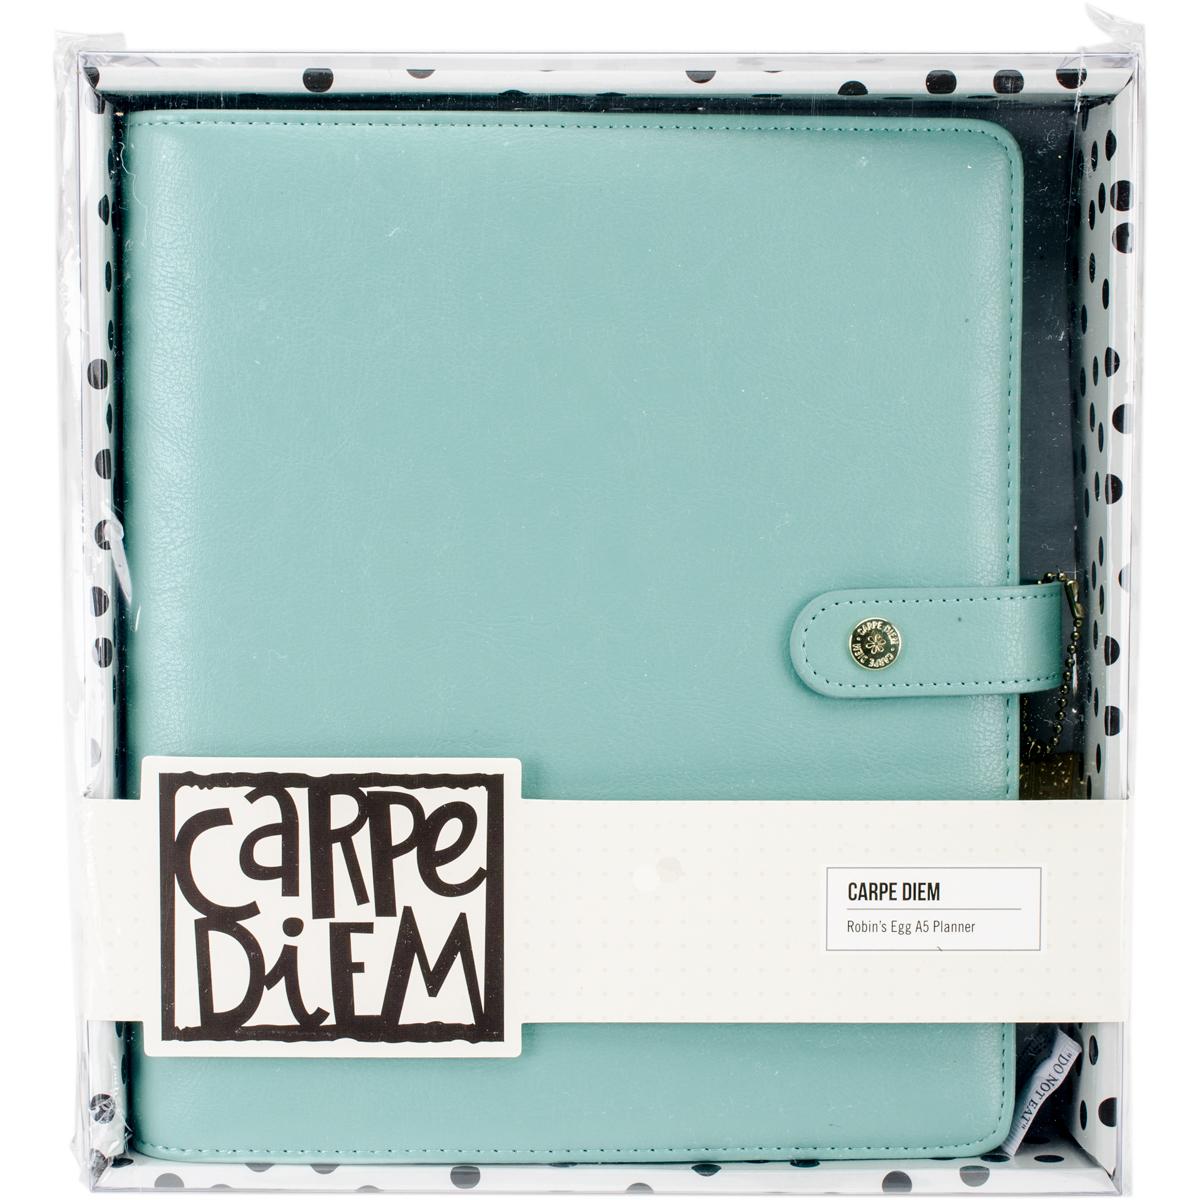 Carpe Diem Planner - Robin's Eg